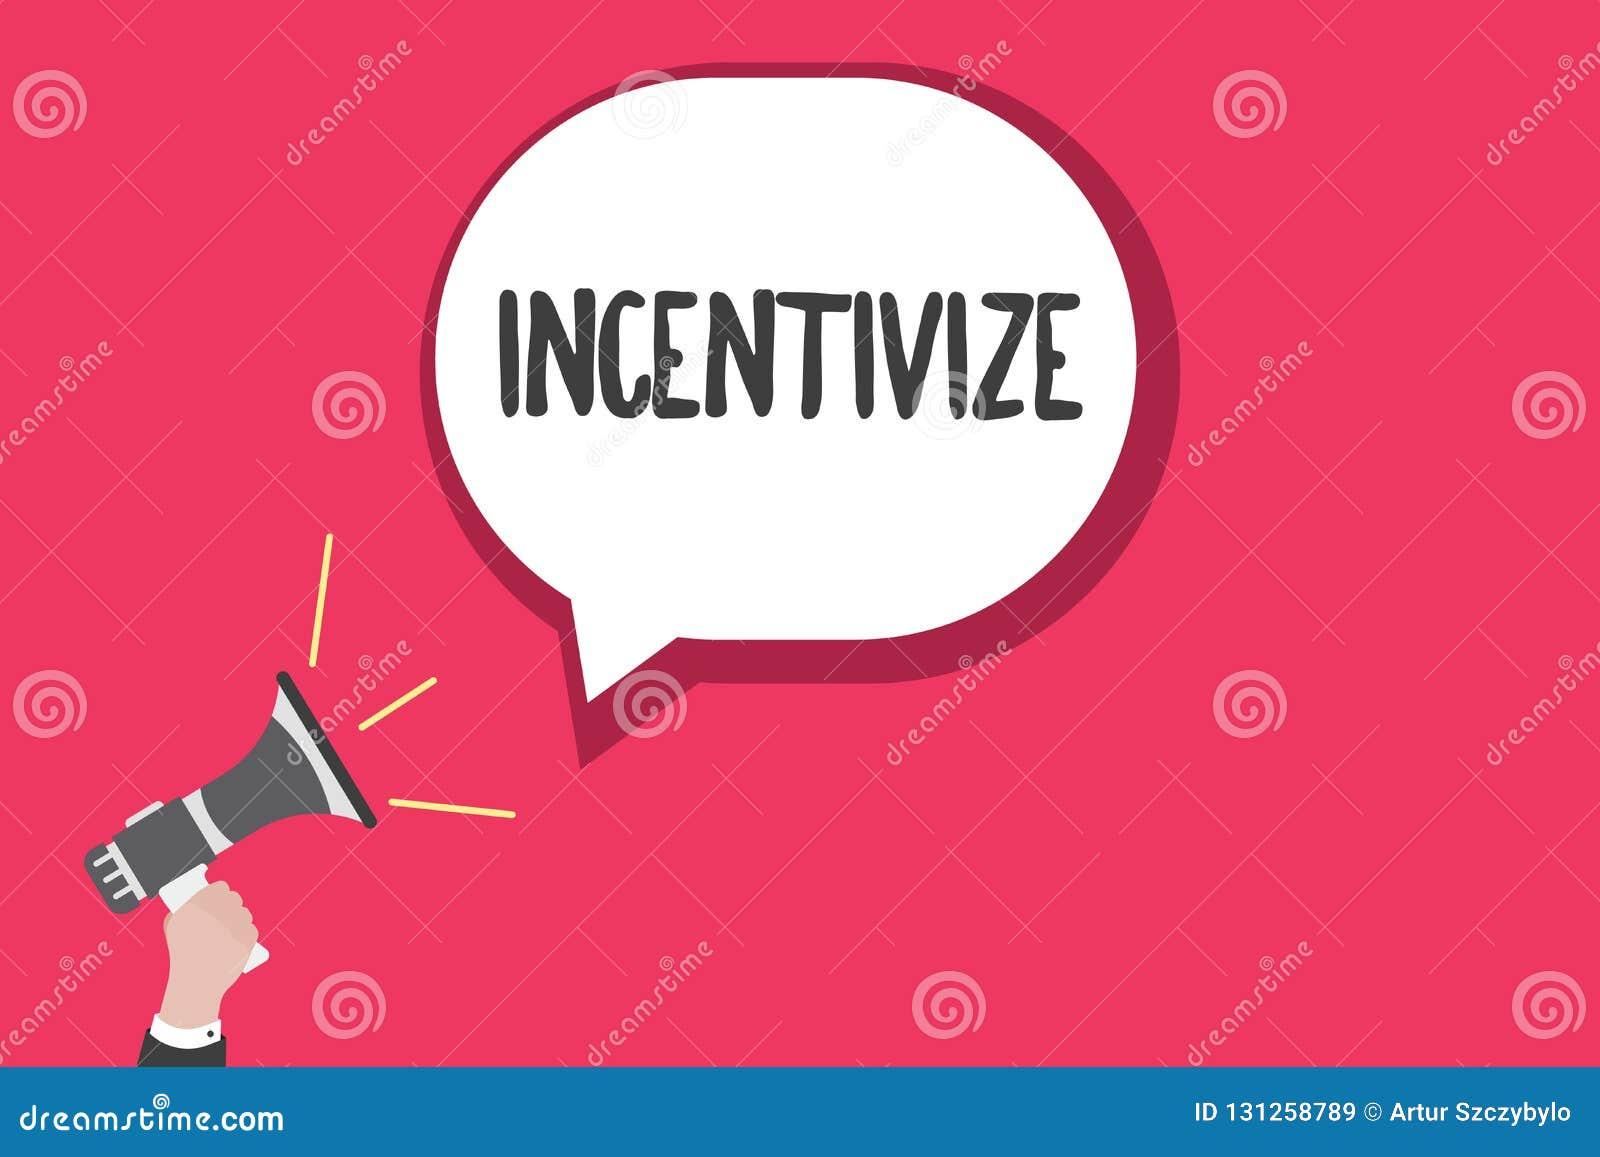 Ordhandstiltext Incentivize Affärsidéen för Motivate eller uppmuntrar någon att göra något ger incitament